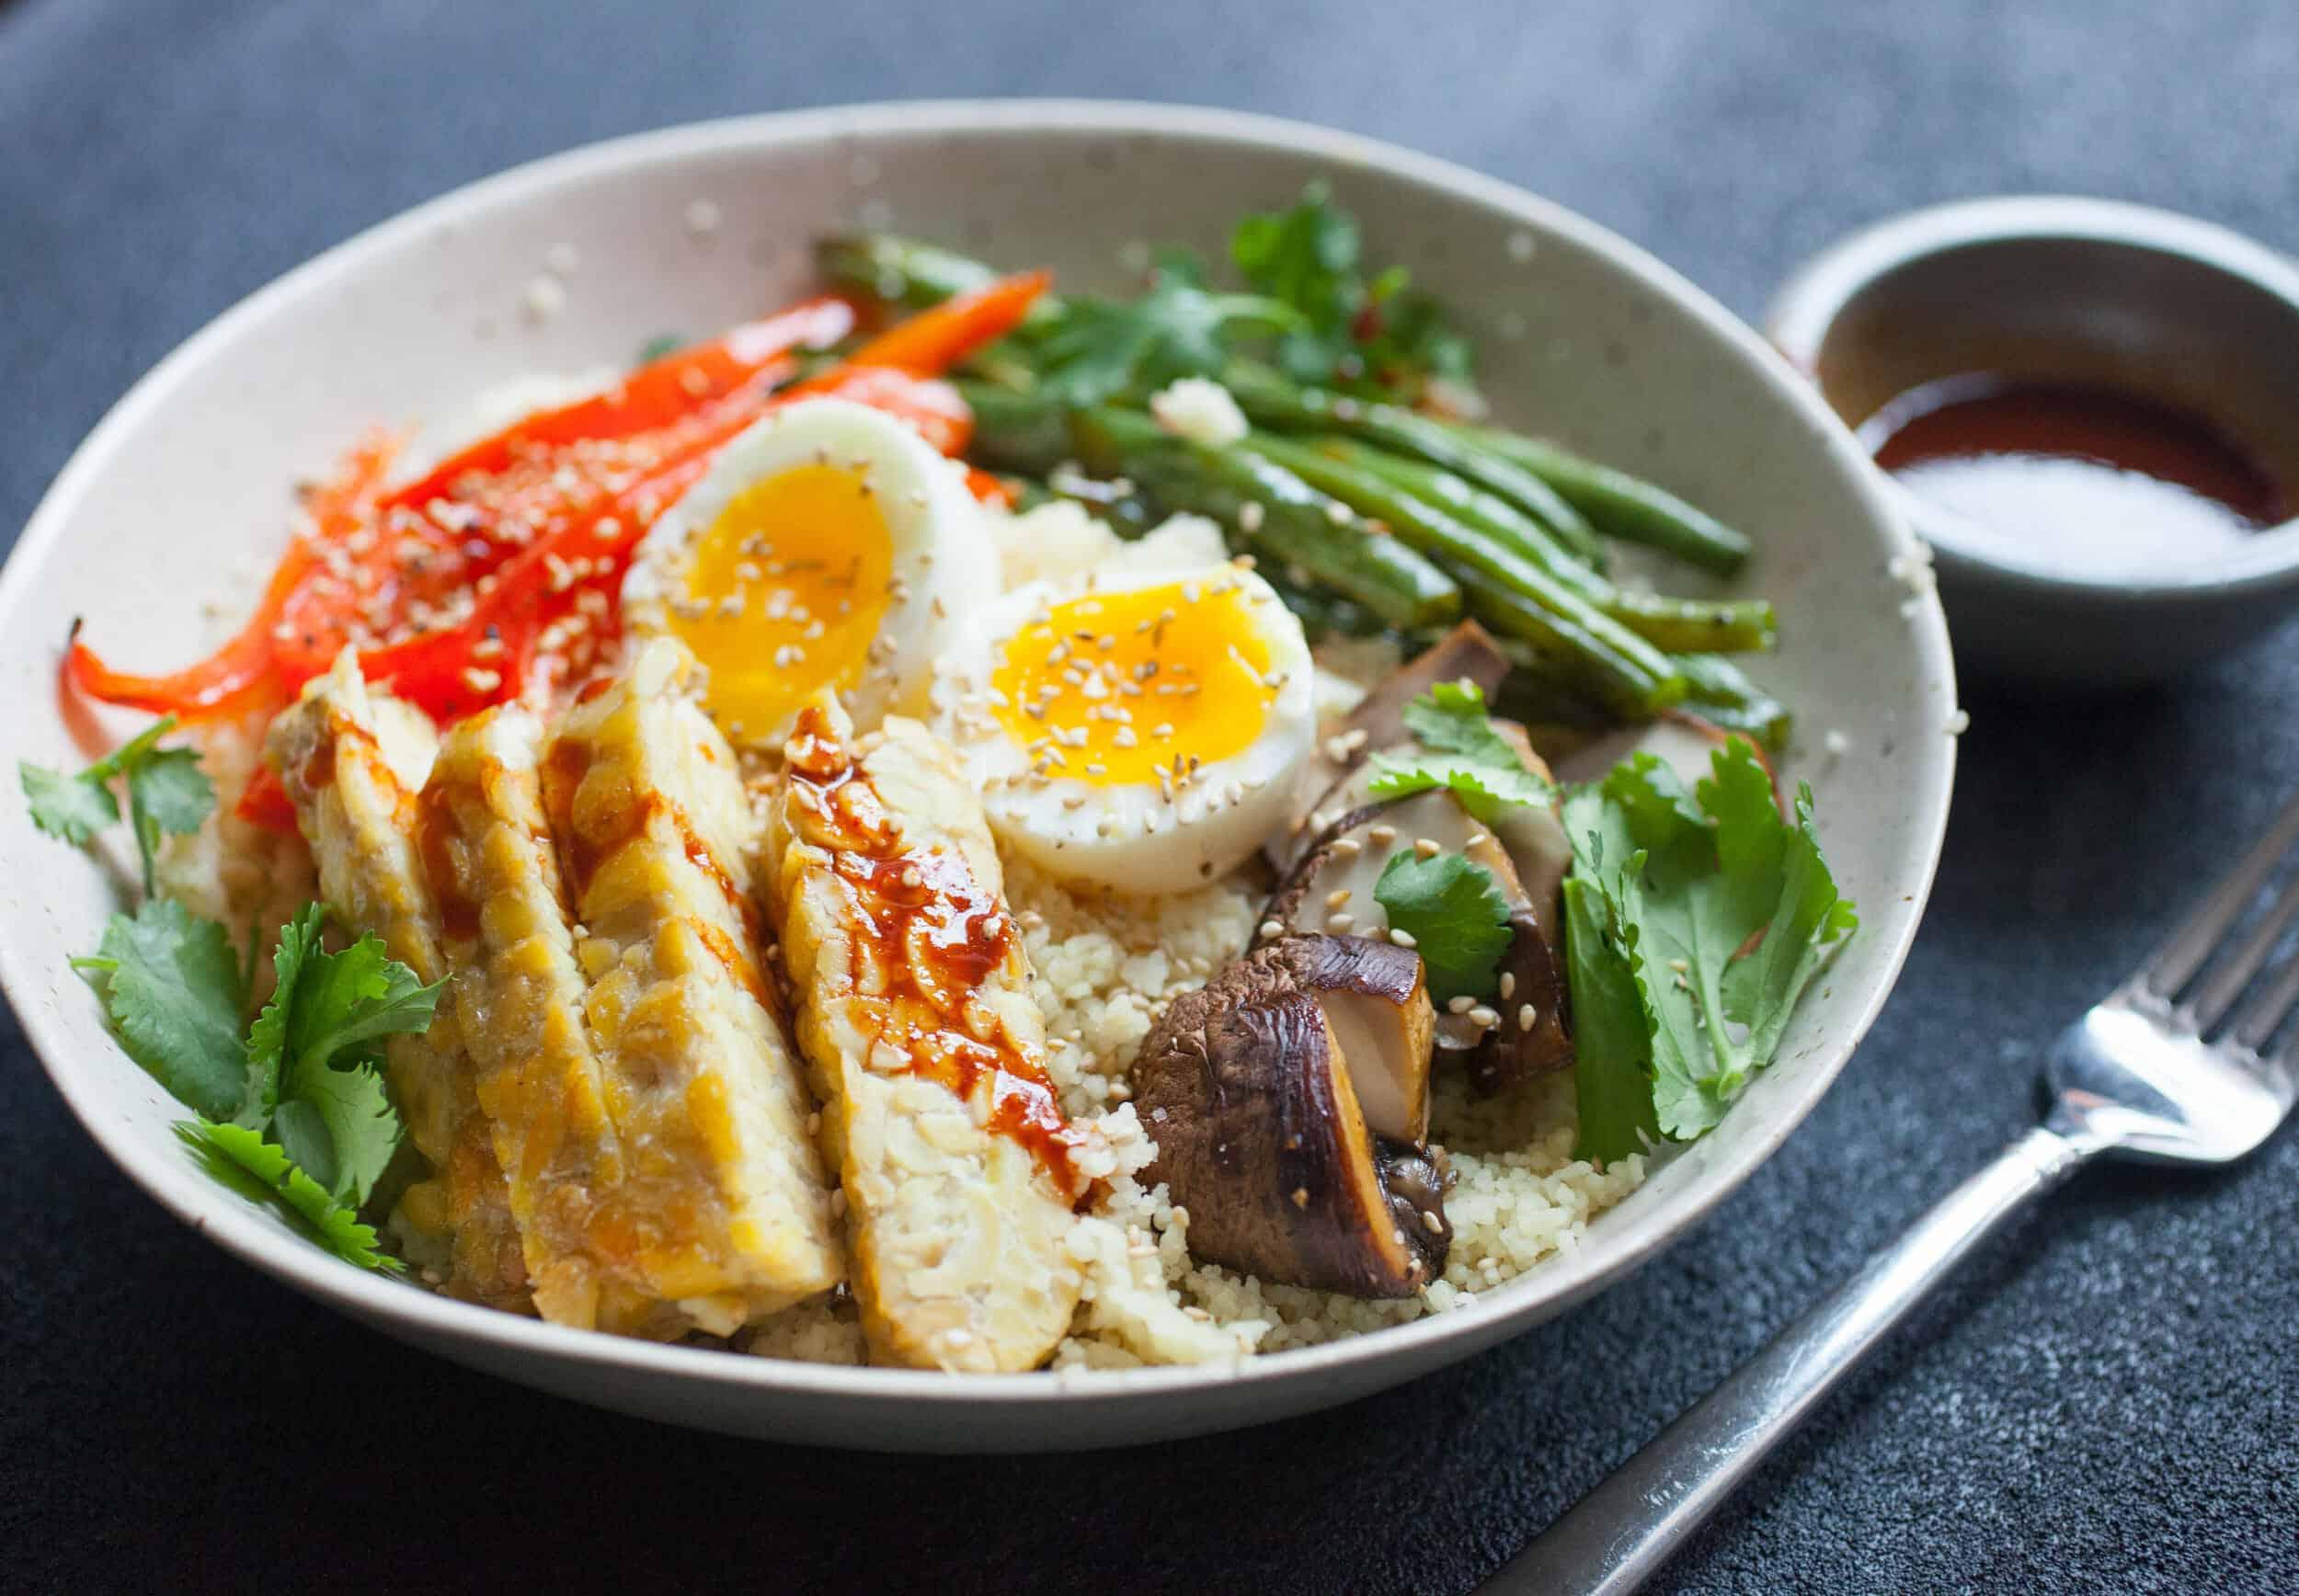 Healthy Winter Recipes - Sheet Pan Buddha Bowls